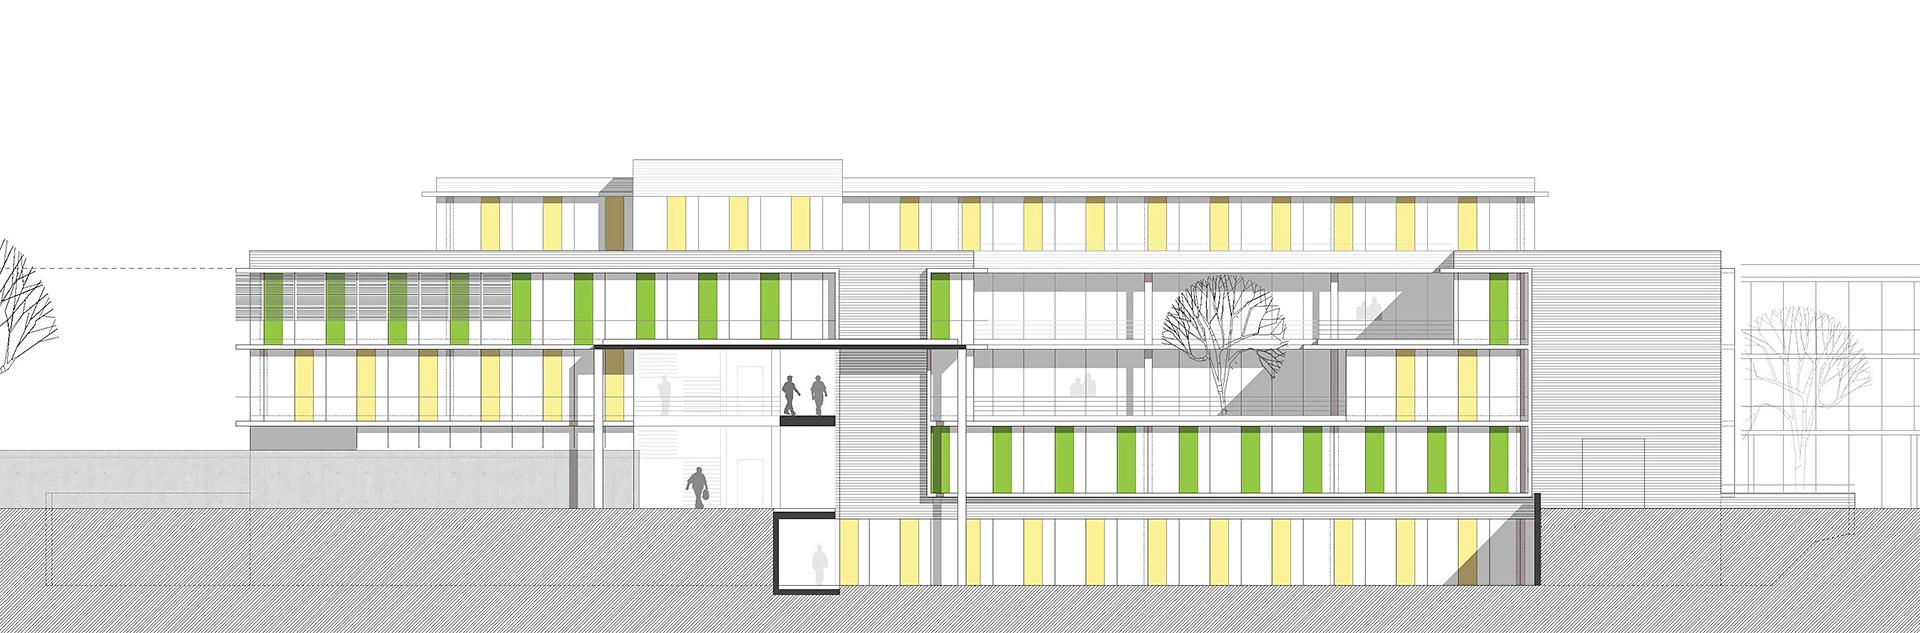 Architekt Weinheim wettbewerb ärztehaus in weinheim oho architekten stuttgart